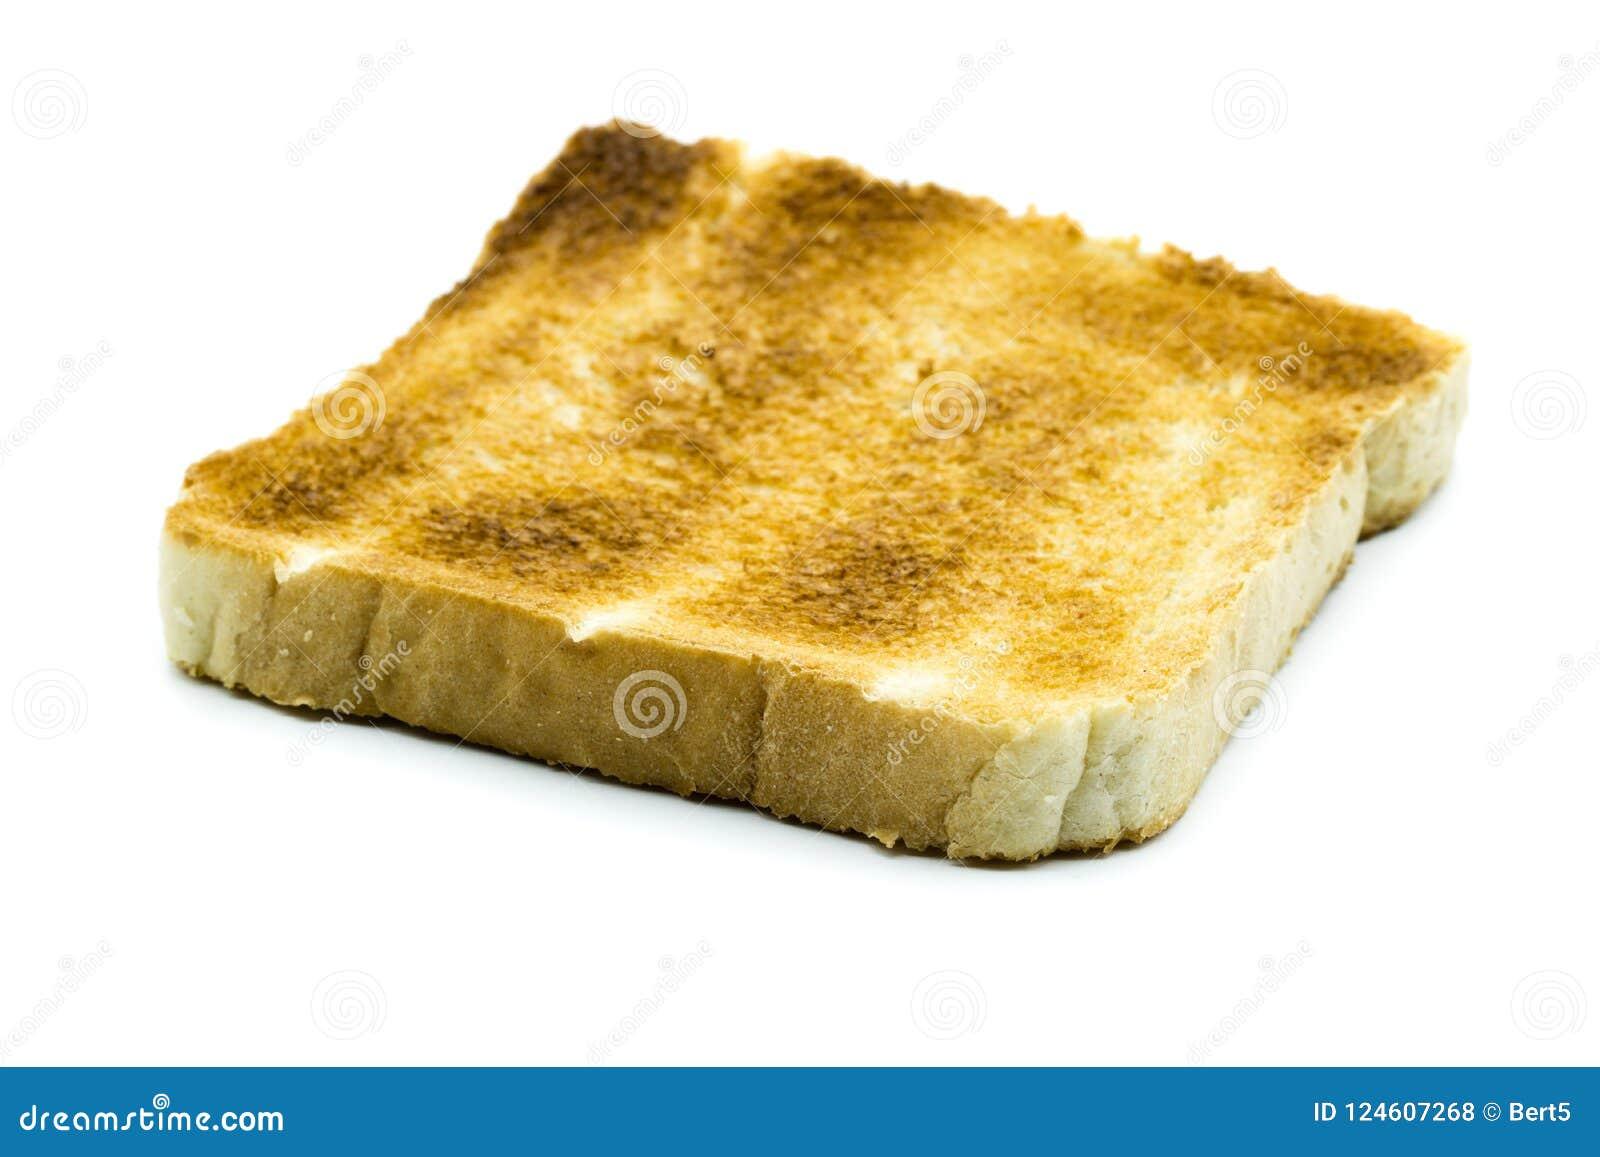 slice of toast isolated on white background stock photo image of